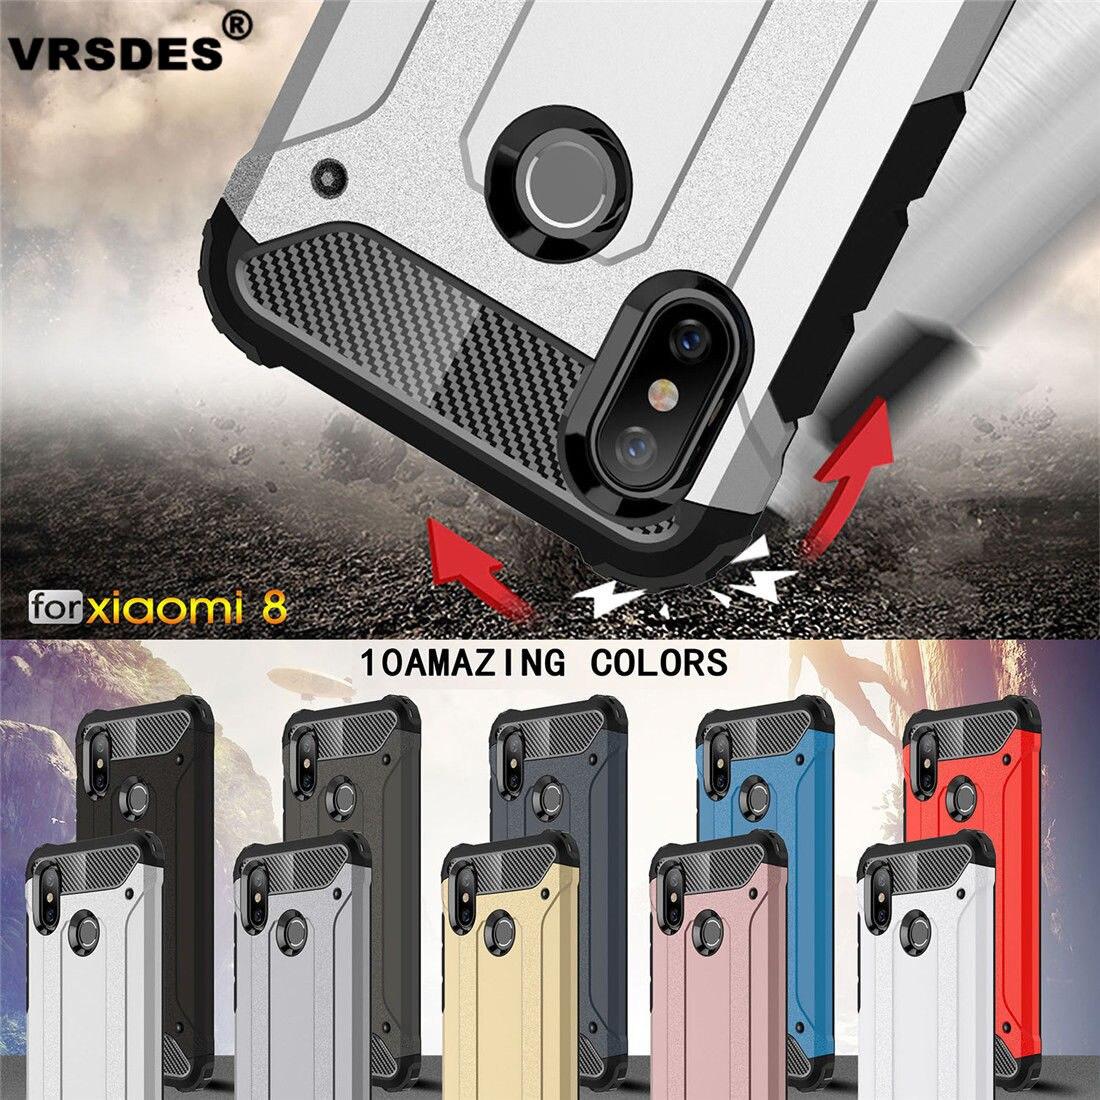 VRSDES Armor Case For Xiaomi Redmi Note 5 Pro Mi 8 6X 5X A1 A2Case Silicone